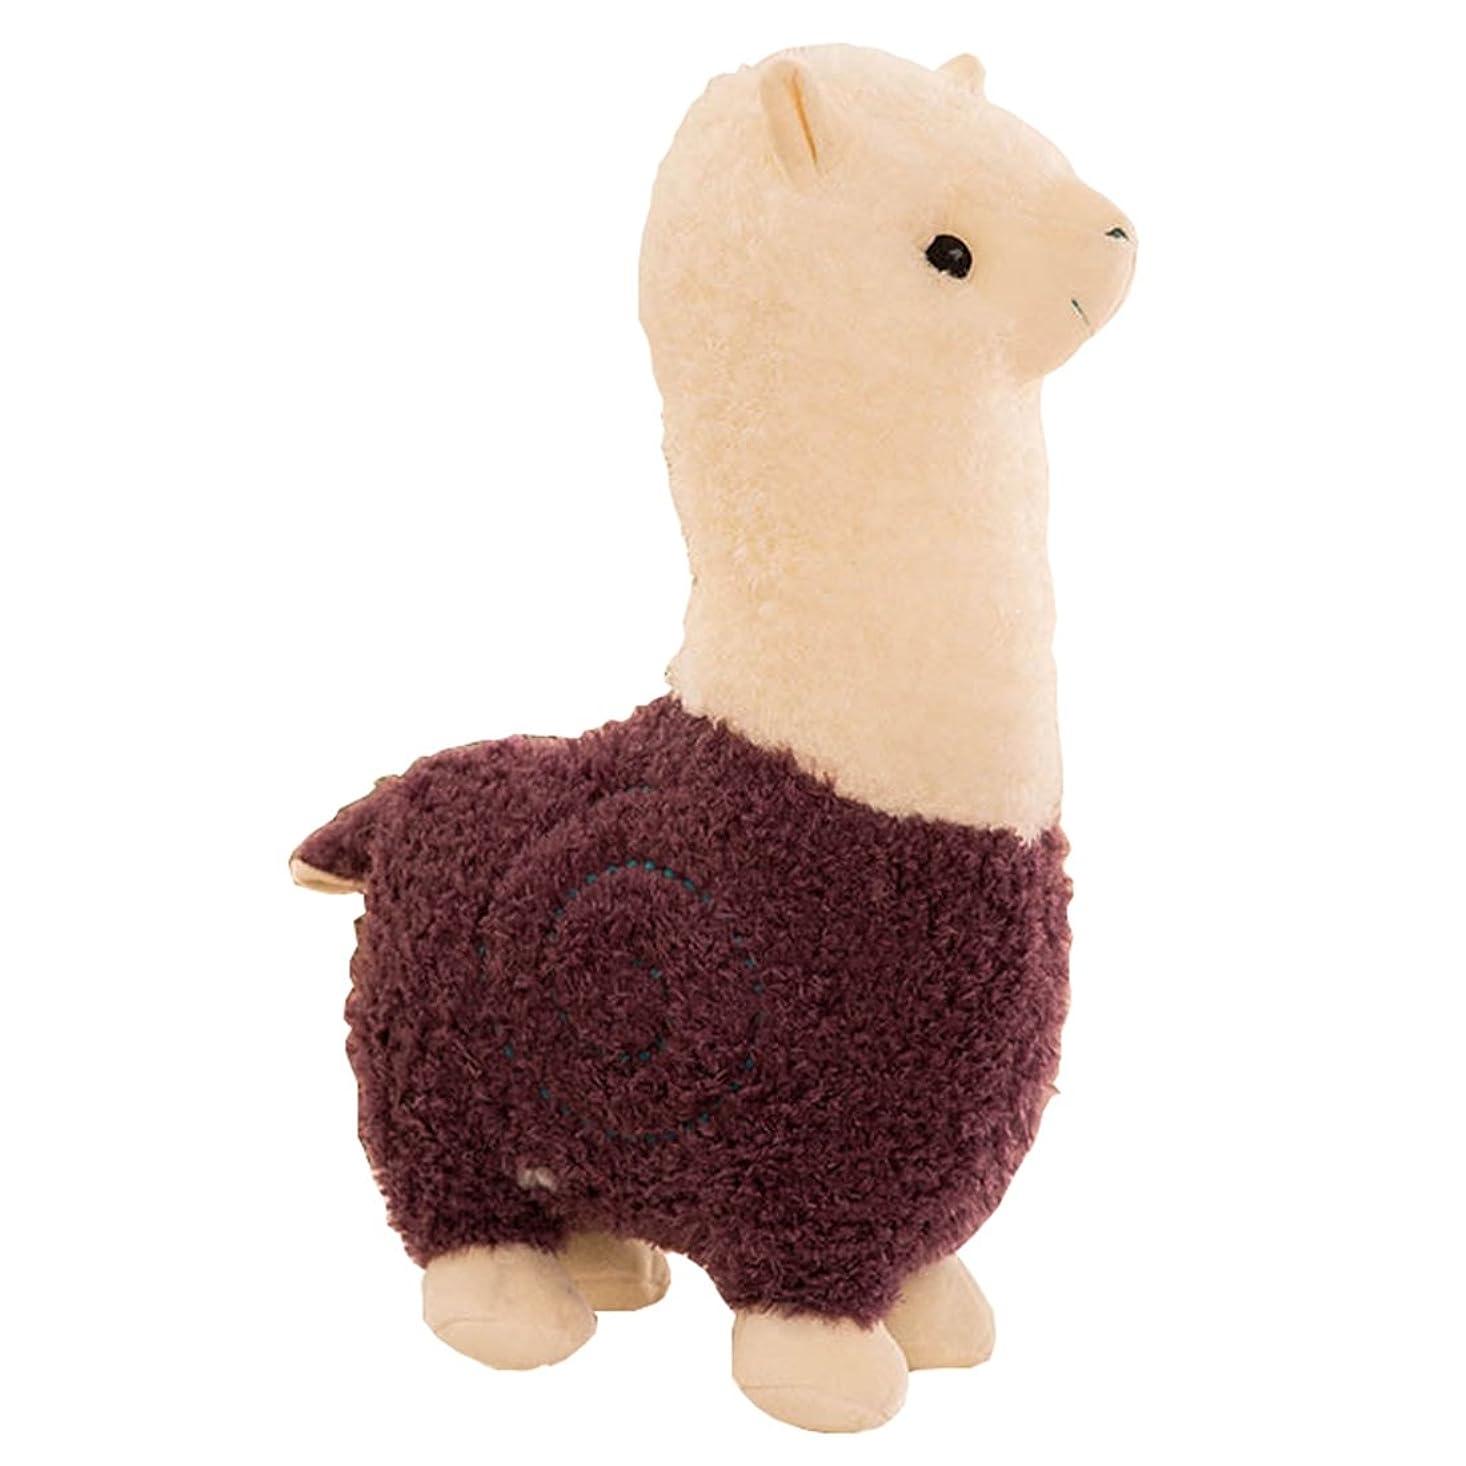 不格好晴れ庭園[XINXIKEJI]ぬいぐるみ 可愛い 抱き枕 プレゼント 羊 アルパカ 特大 動物 大きい おもちゃ ヒツジ 縫い包み お祝い ふわふわ 子供 お誕生日 お人形 女の子 女性 赤ちゃん 贈り物 彼女 萌え パープル 65CM